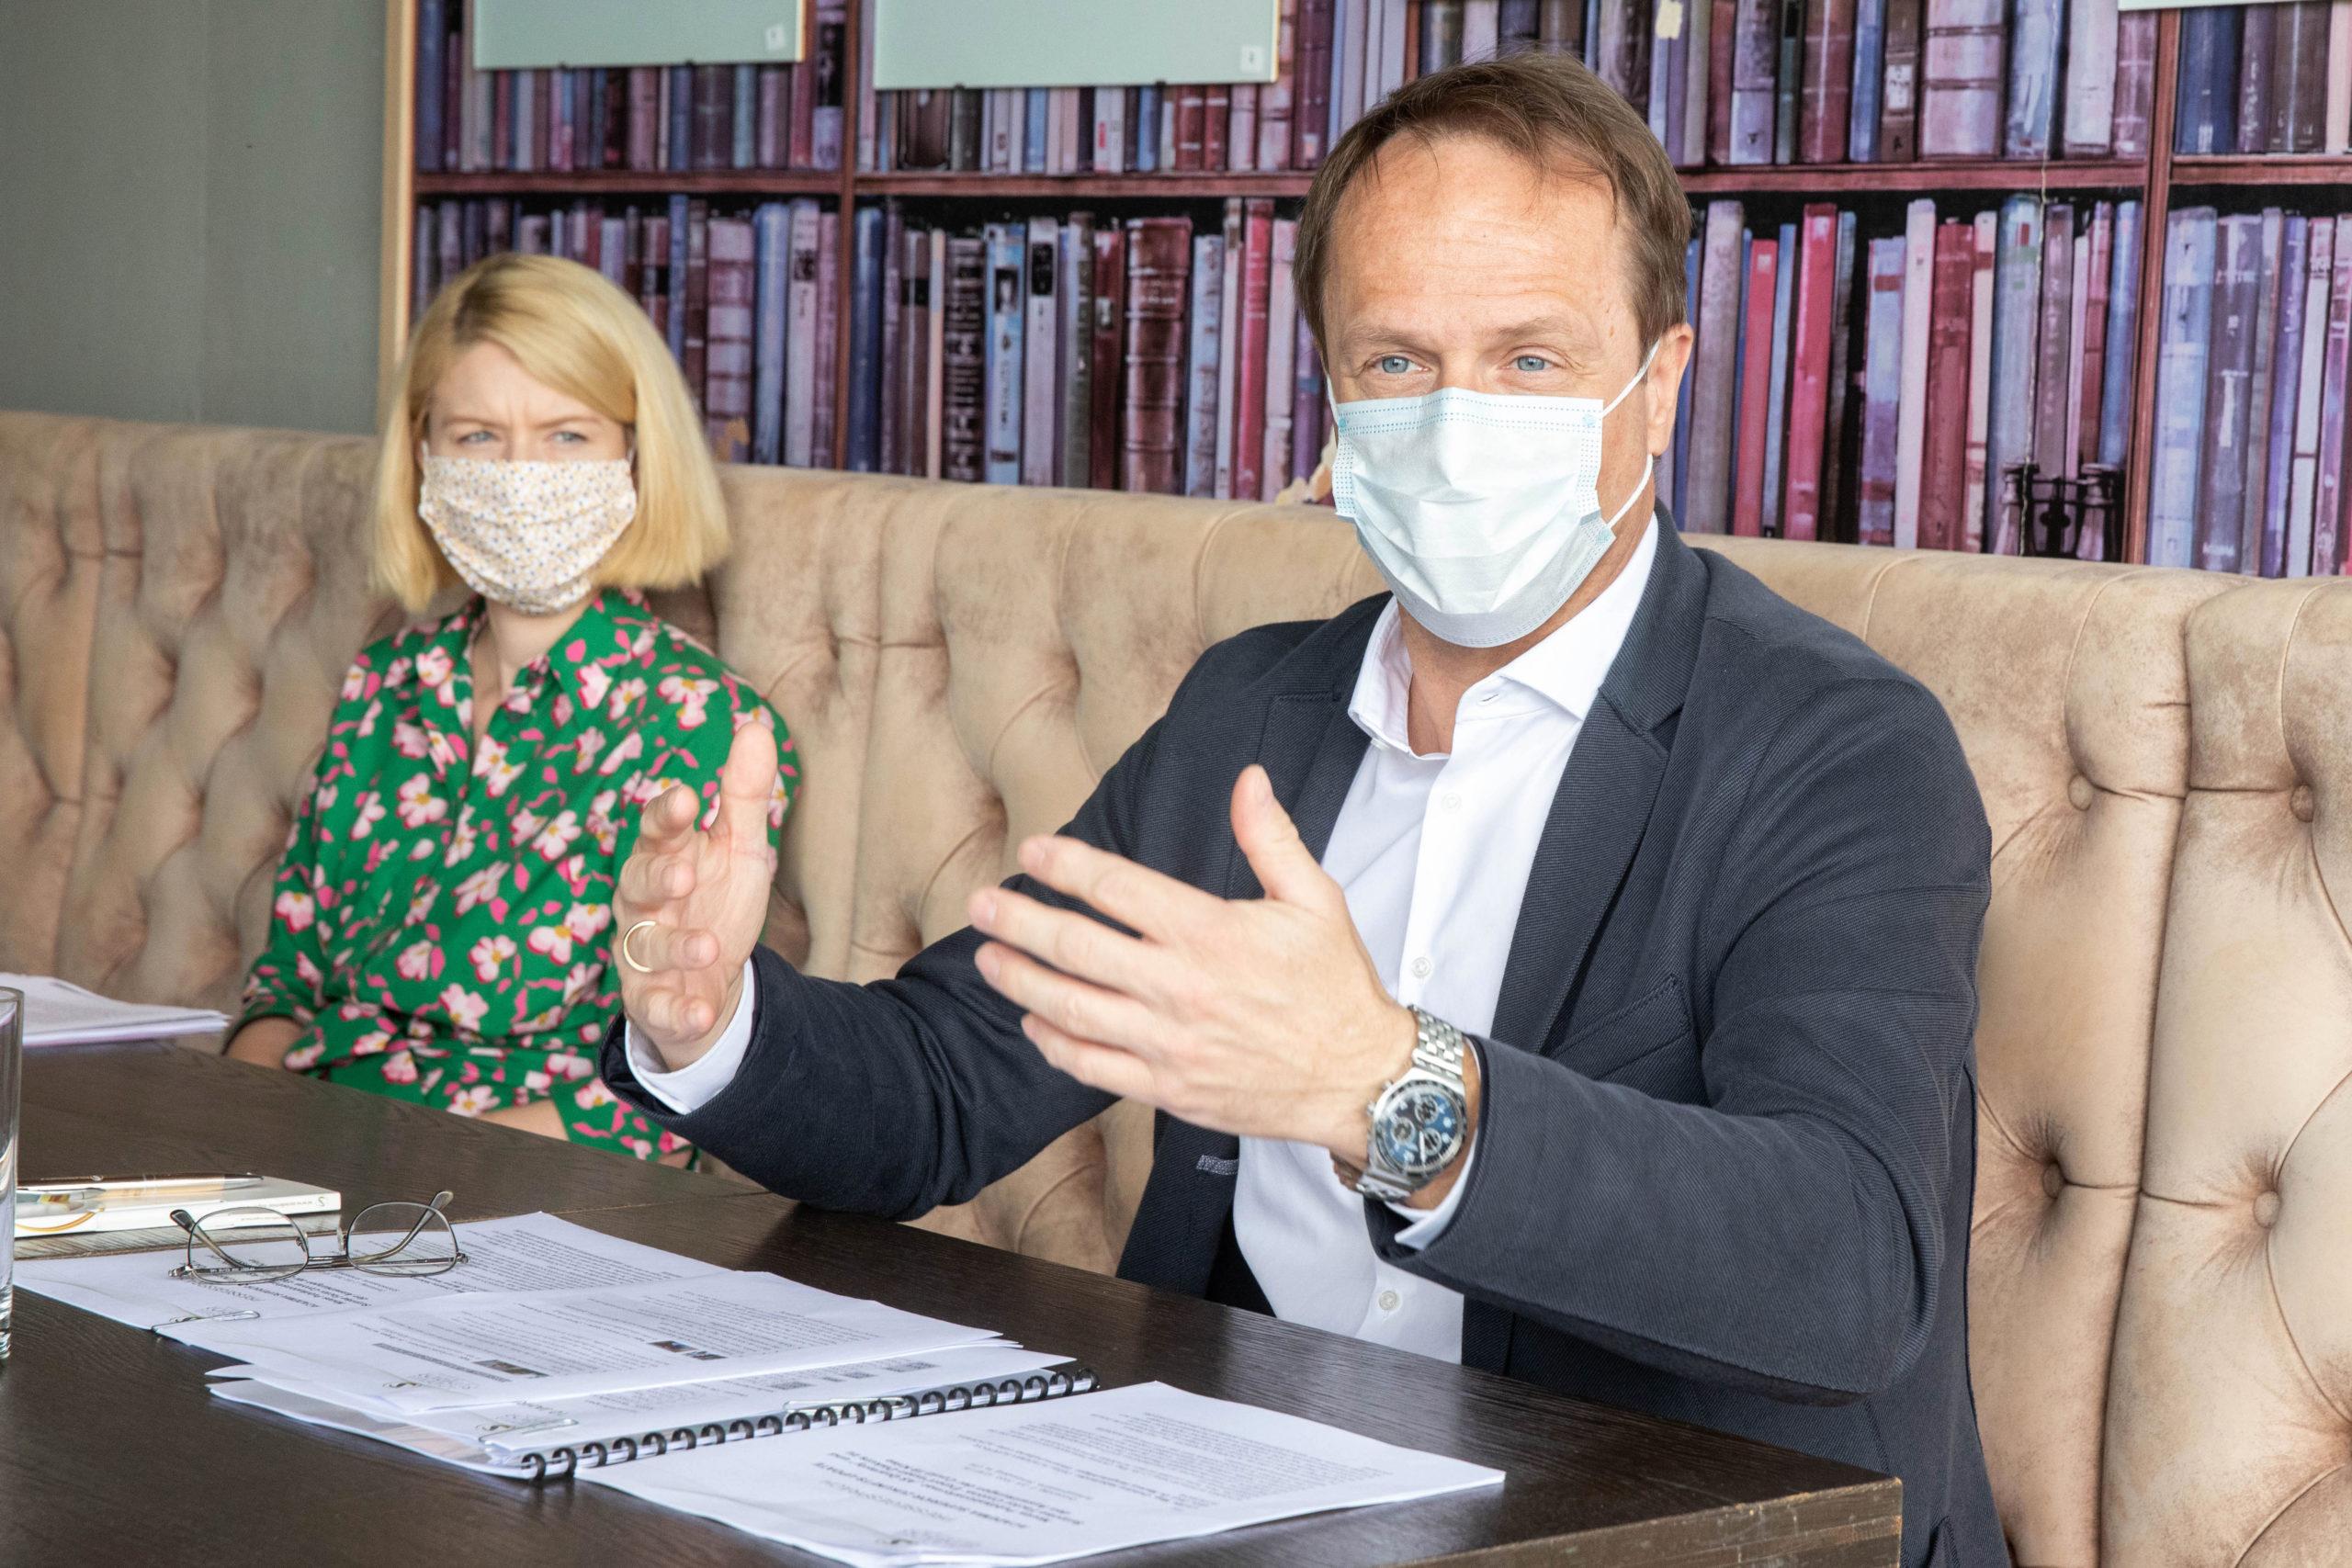 Foto 2: Christine Haberlander und Markus Hengstschläger